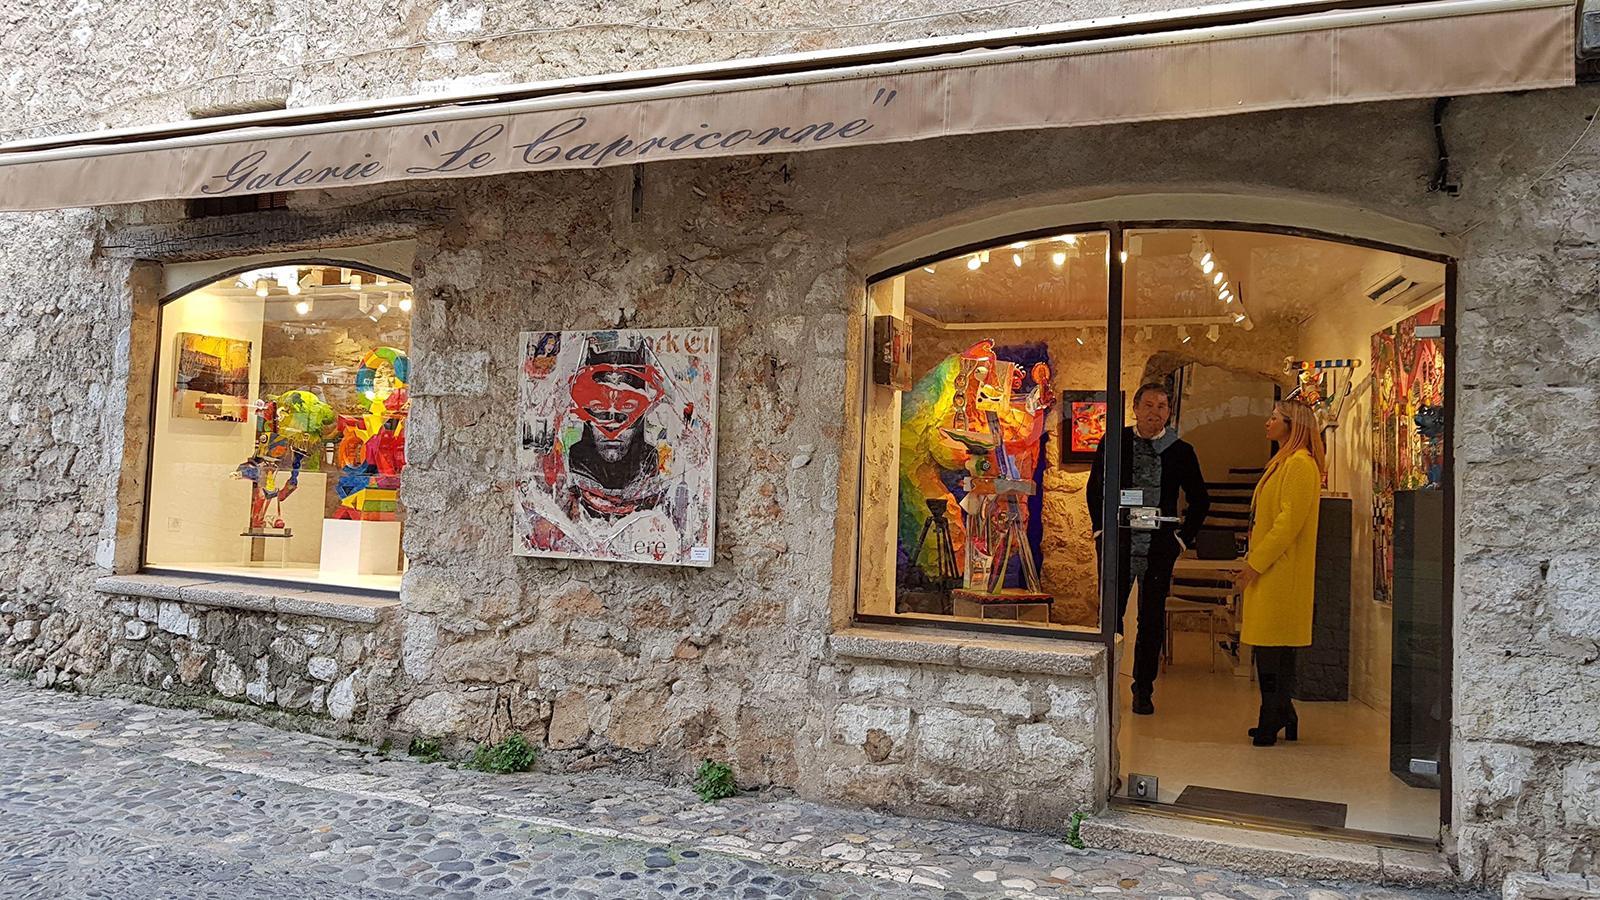 Saint Paul De Vence Art galeries le capricorne - saint-paul de vence